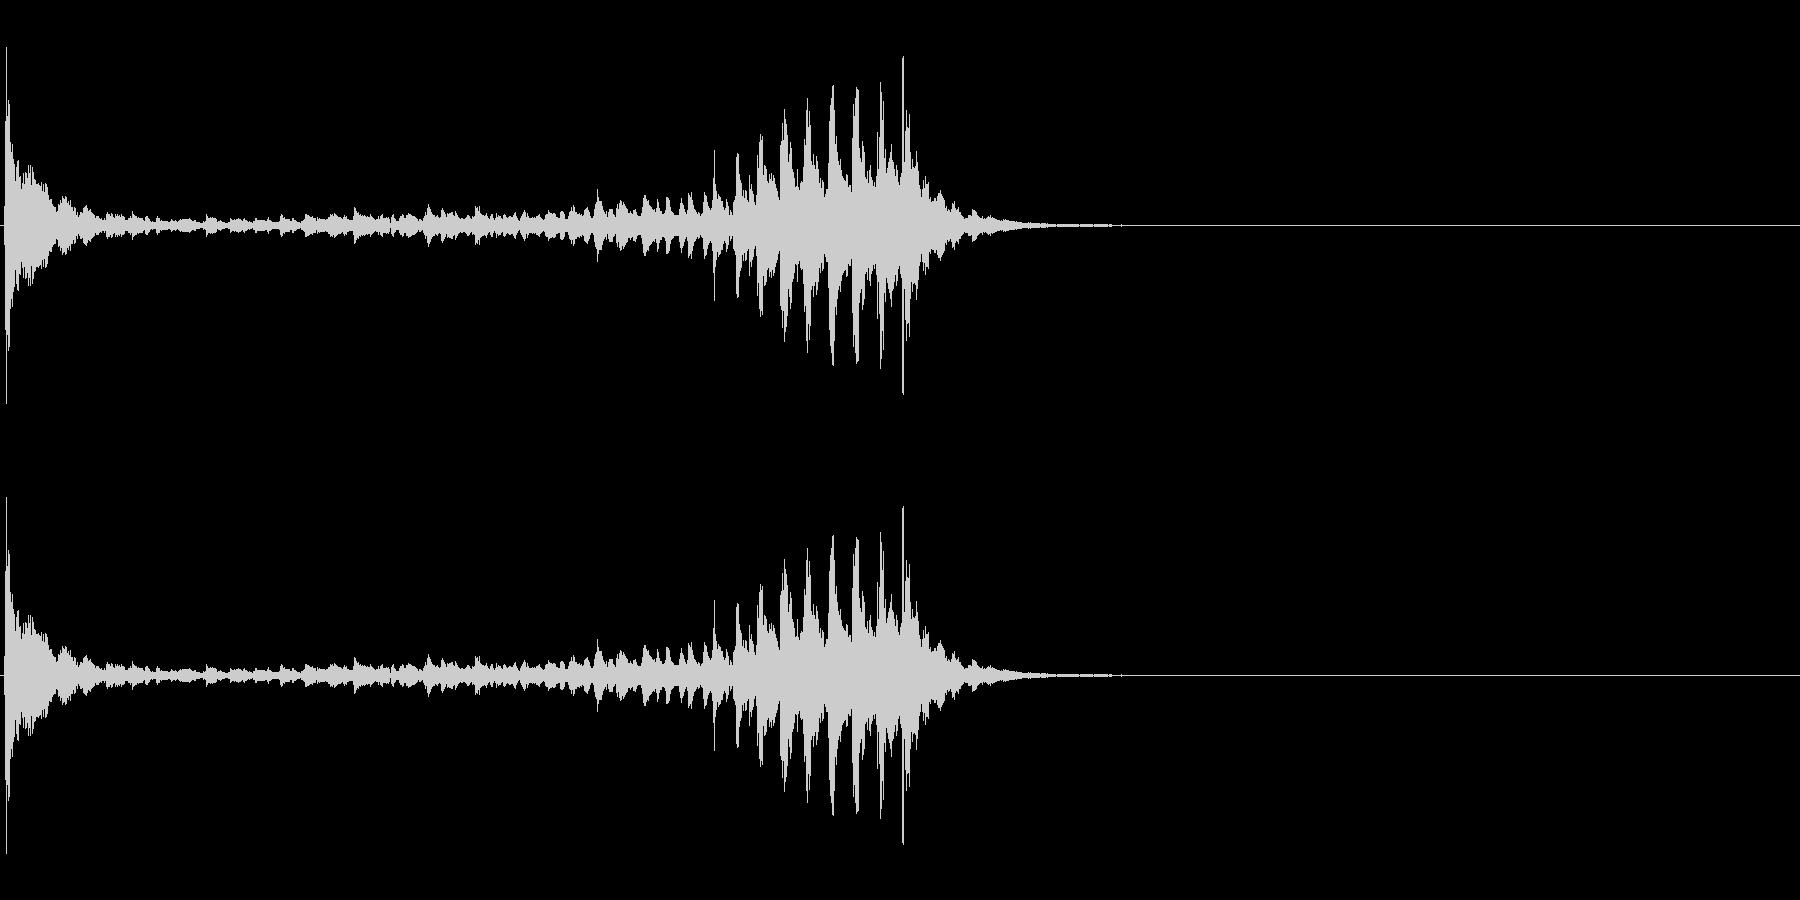 生演奏 琵琶 和風 古典風#13の未再生の波形